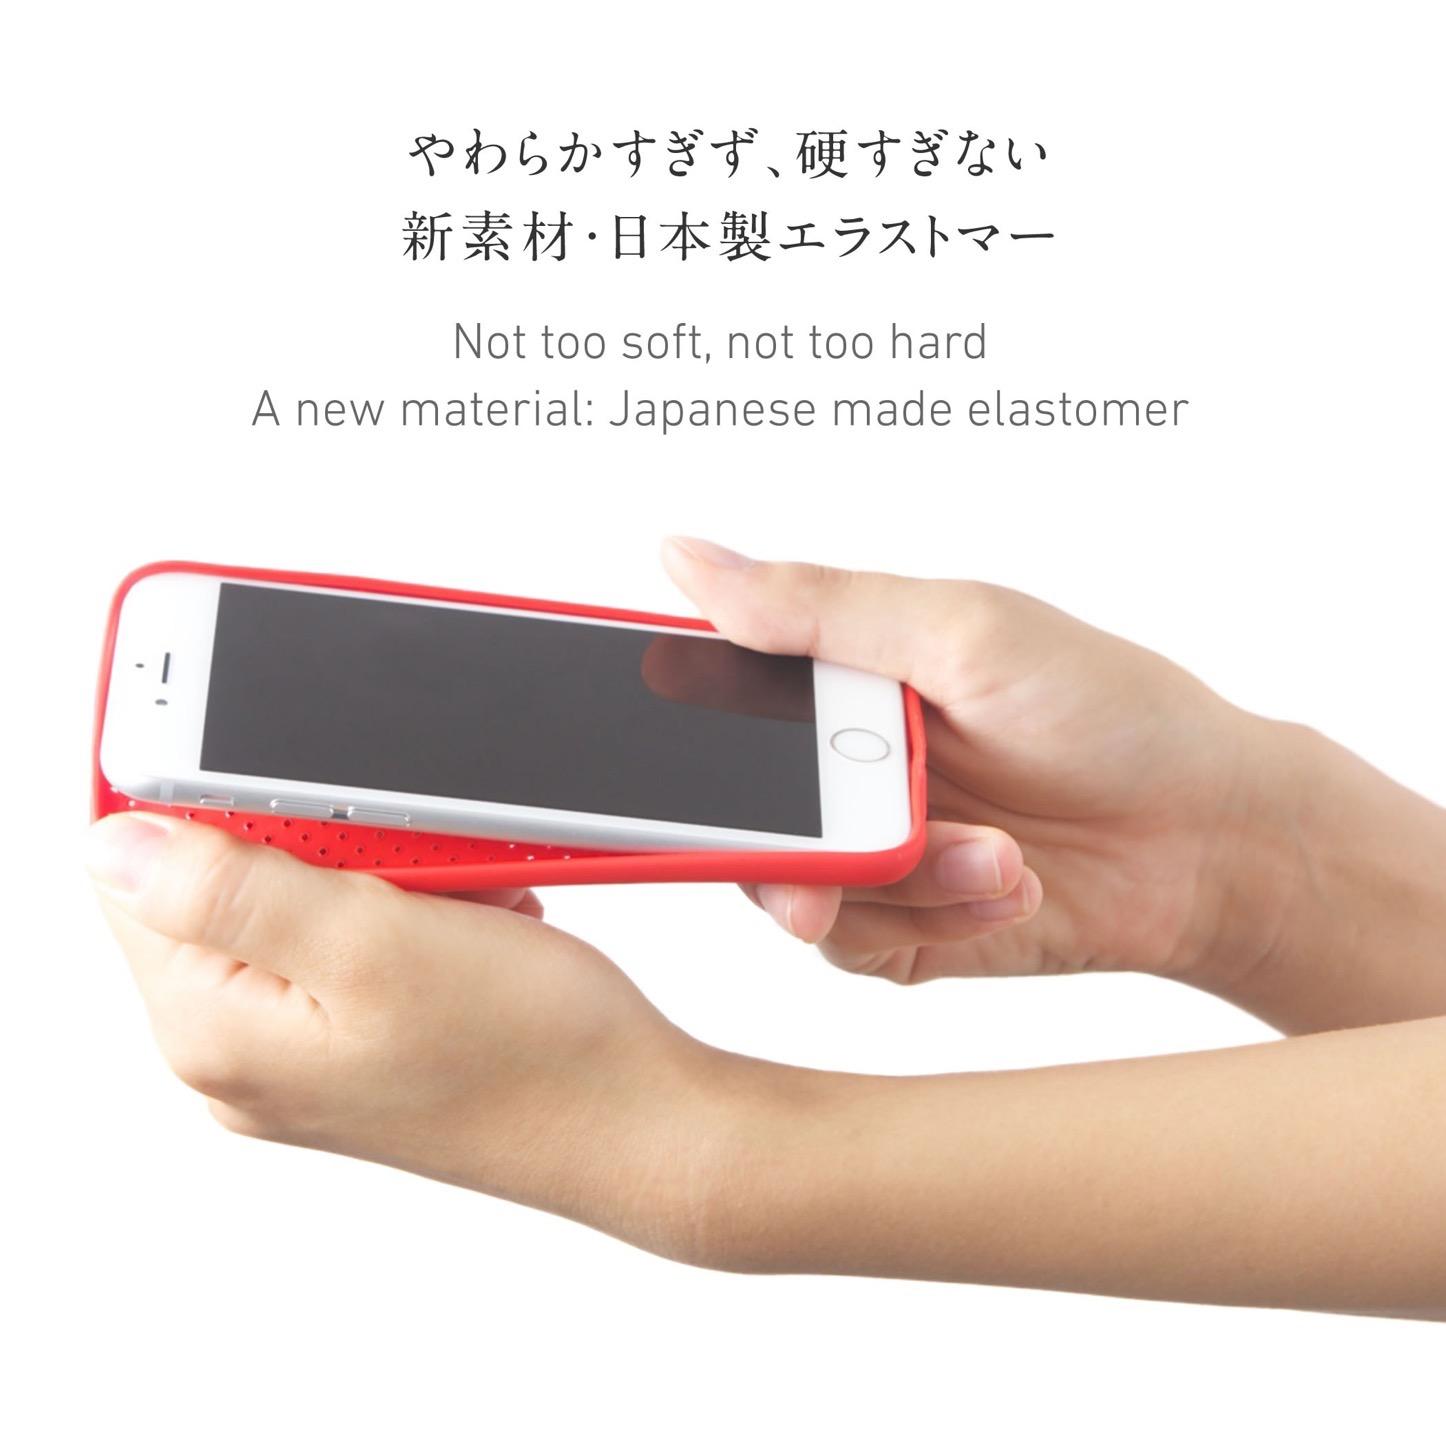 Andmesh-mesh-case-sale-buy-1-get-1-free-10.jpg